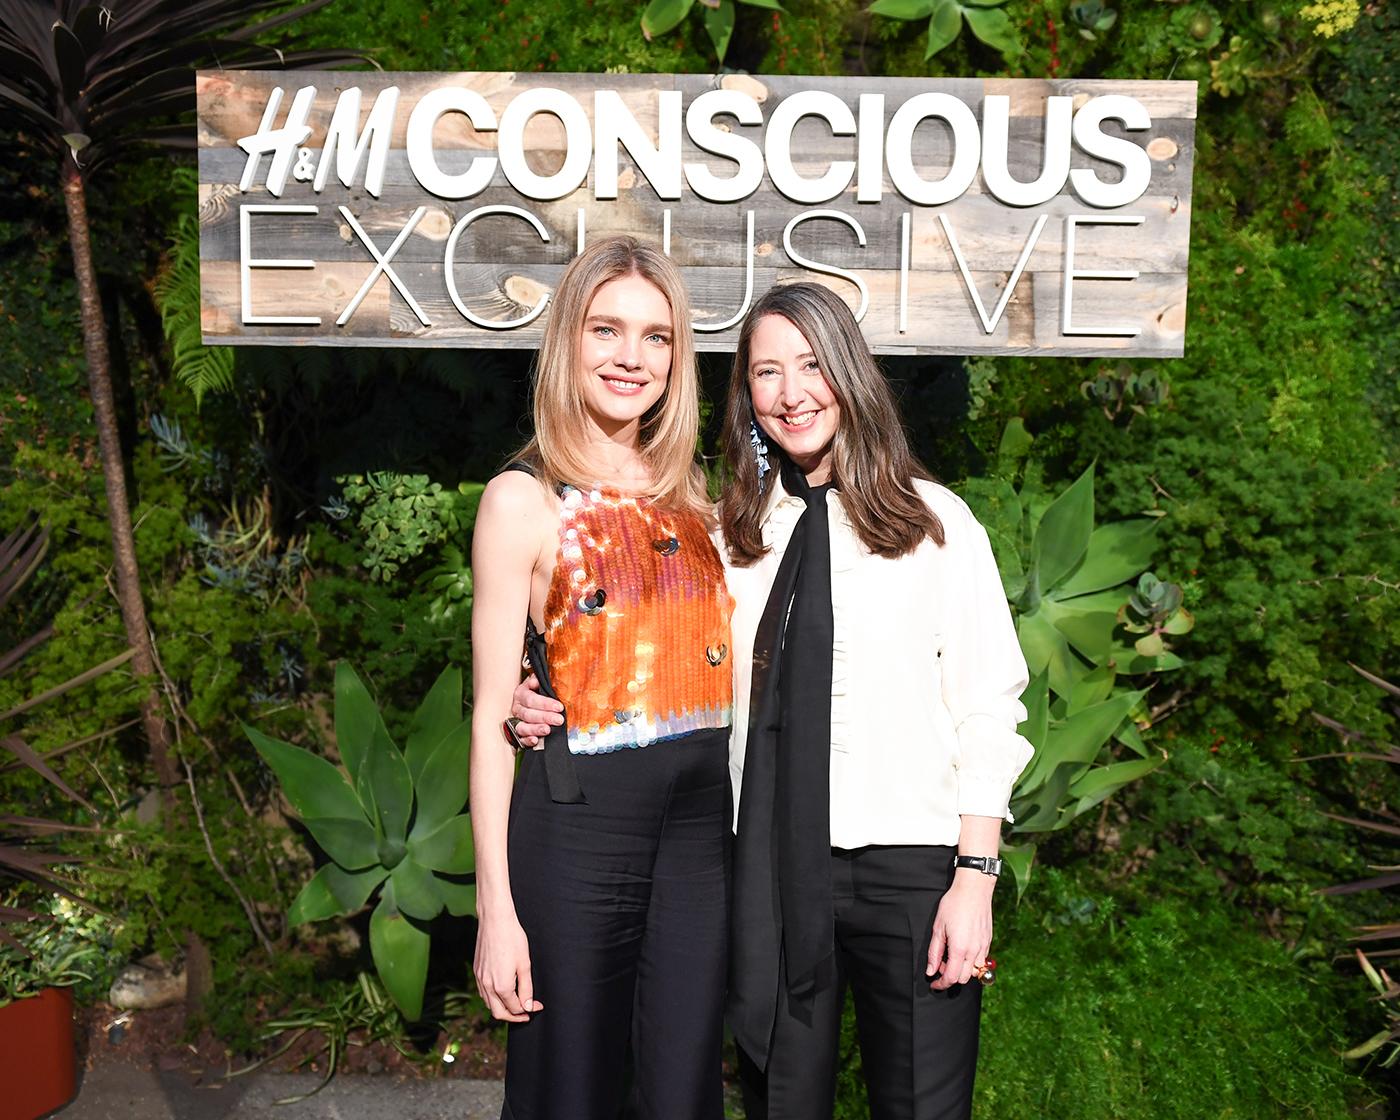 Lansarea H&M Conscious Exclusive'17. Los Angeles.